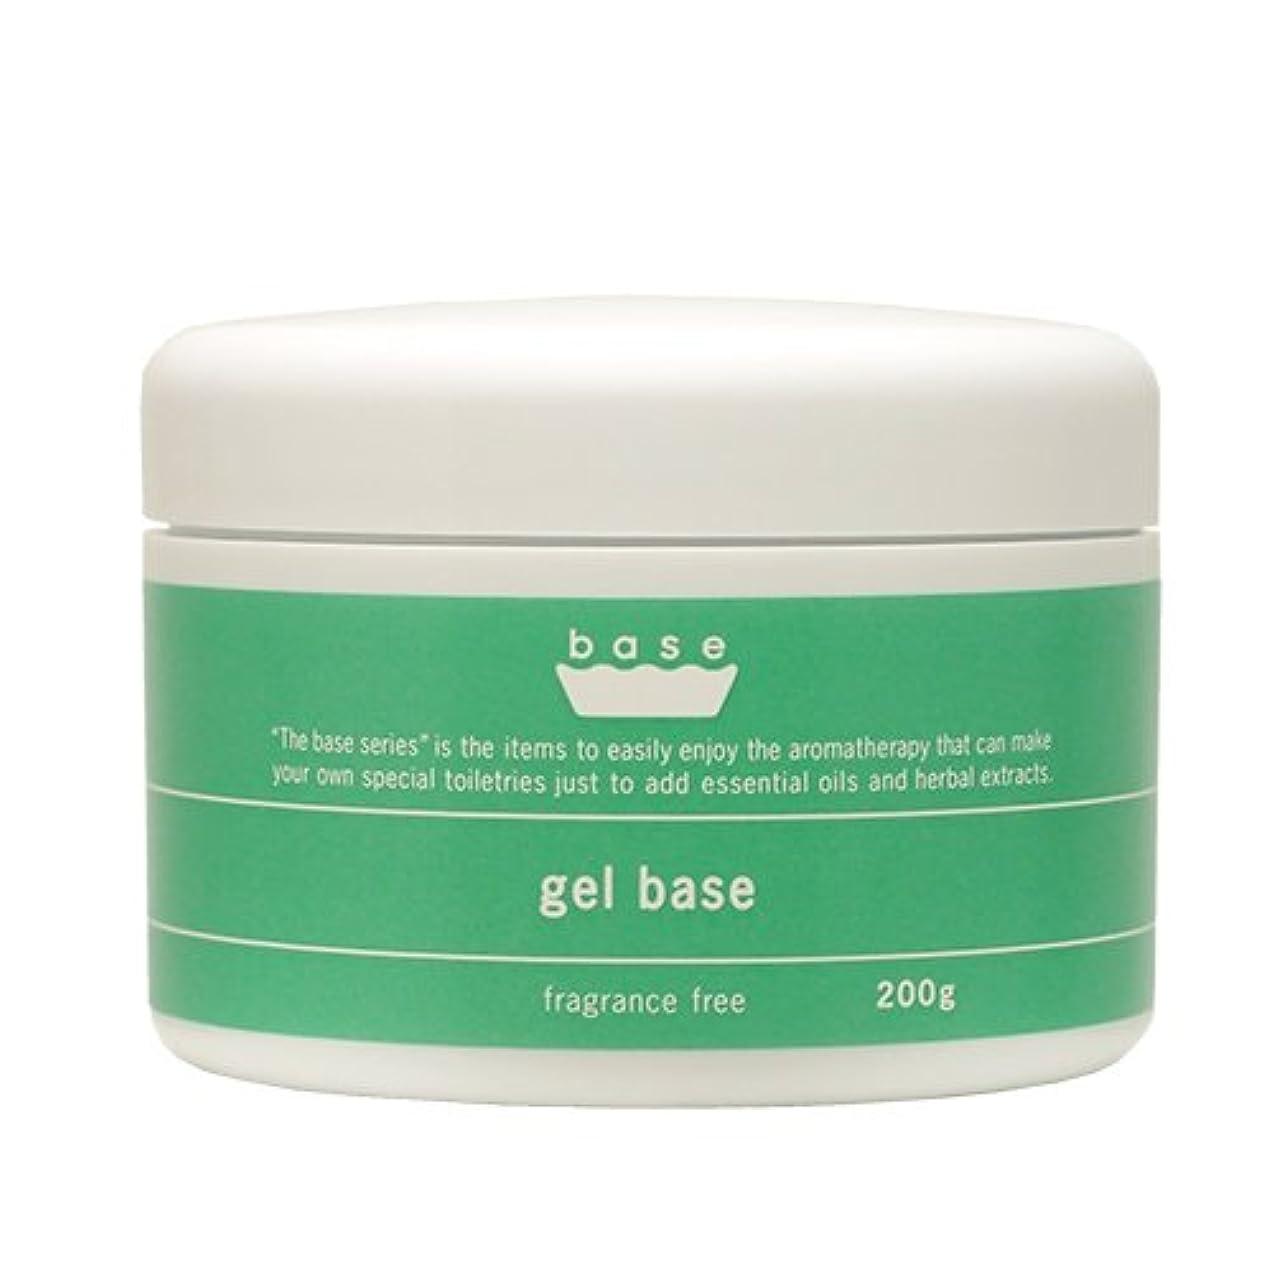 協同少ない不毛のbase gel base(ジェルベース)200g